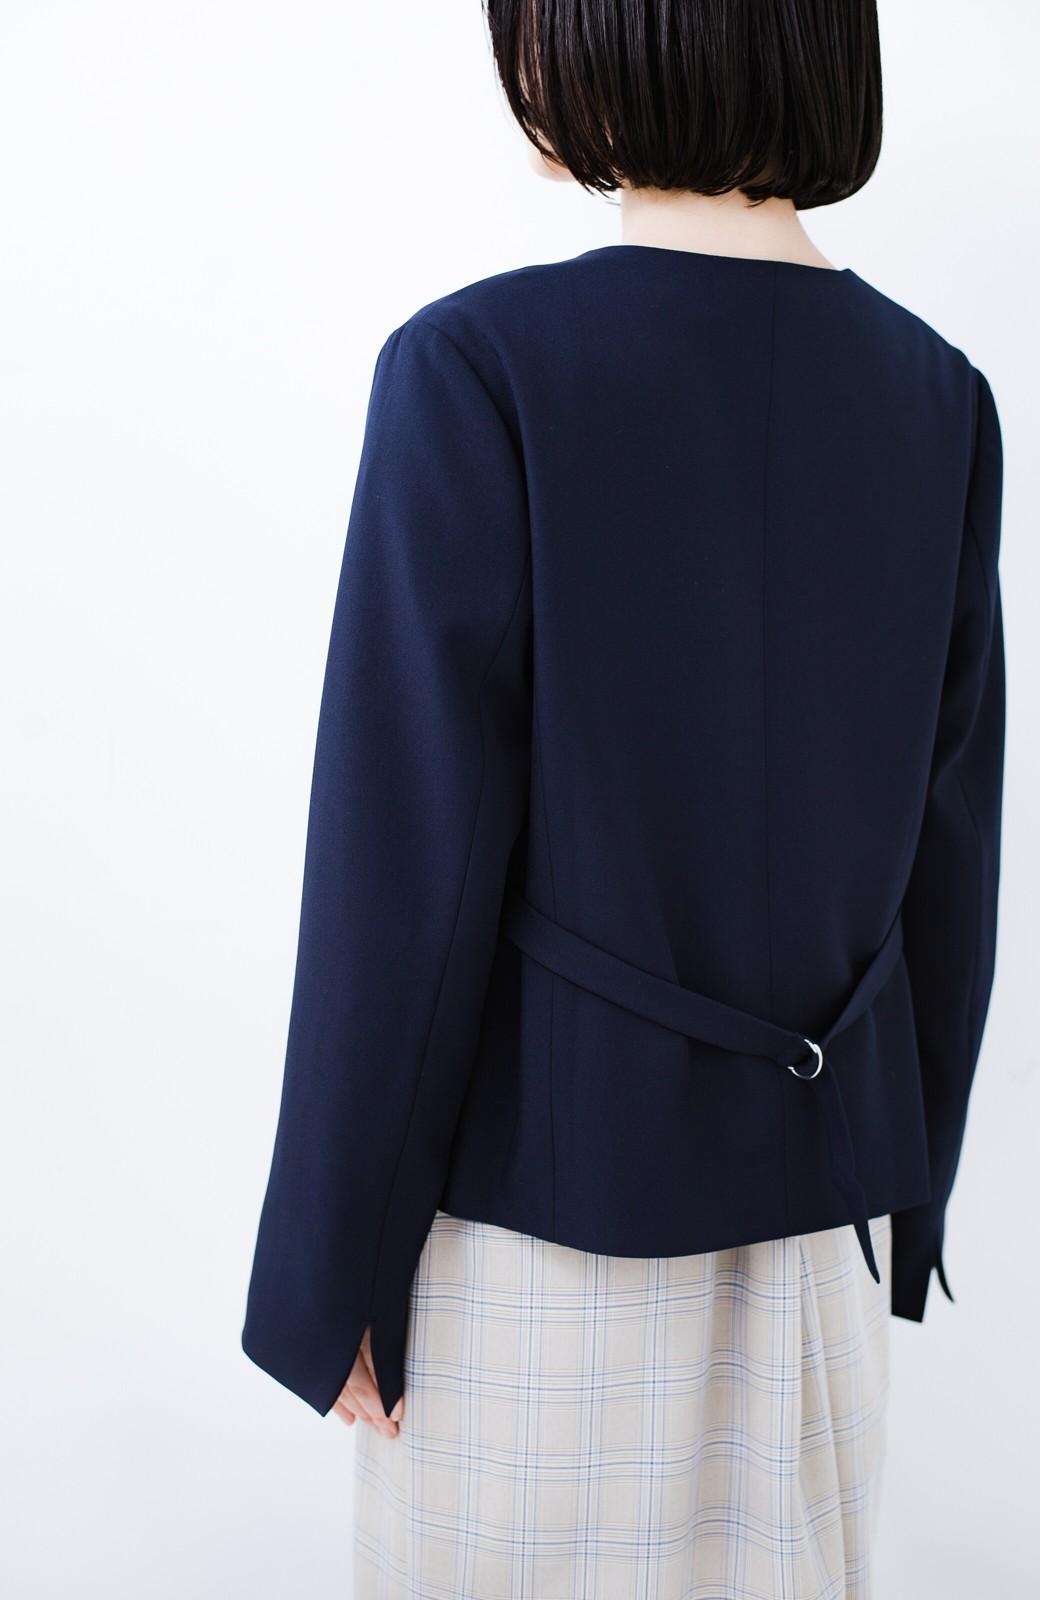 haco! 持っていると便利な野暮ったくならないフォーマルジャケット・スカートの2点セット <ダークネイビー>の商品写真10